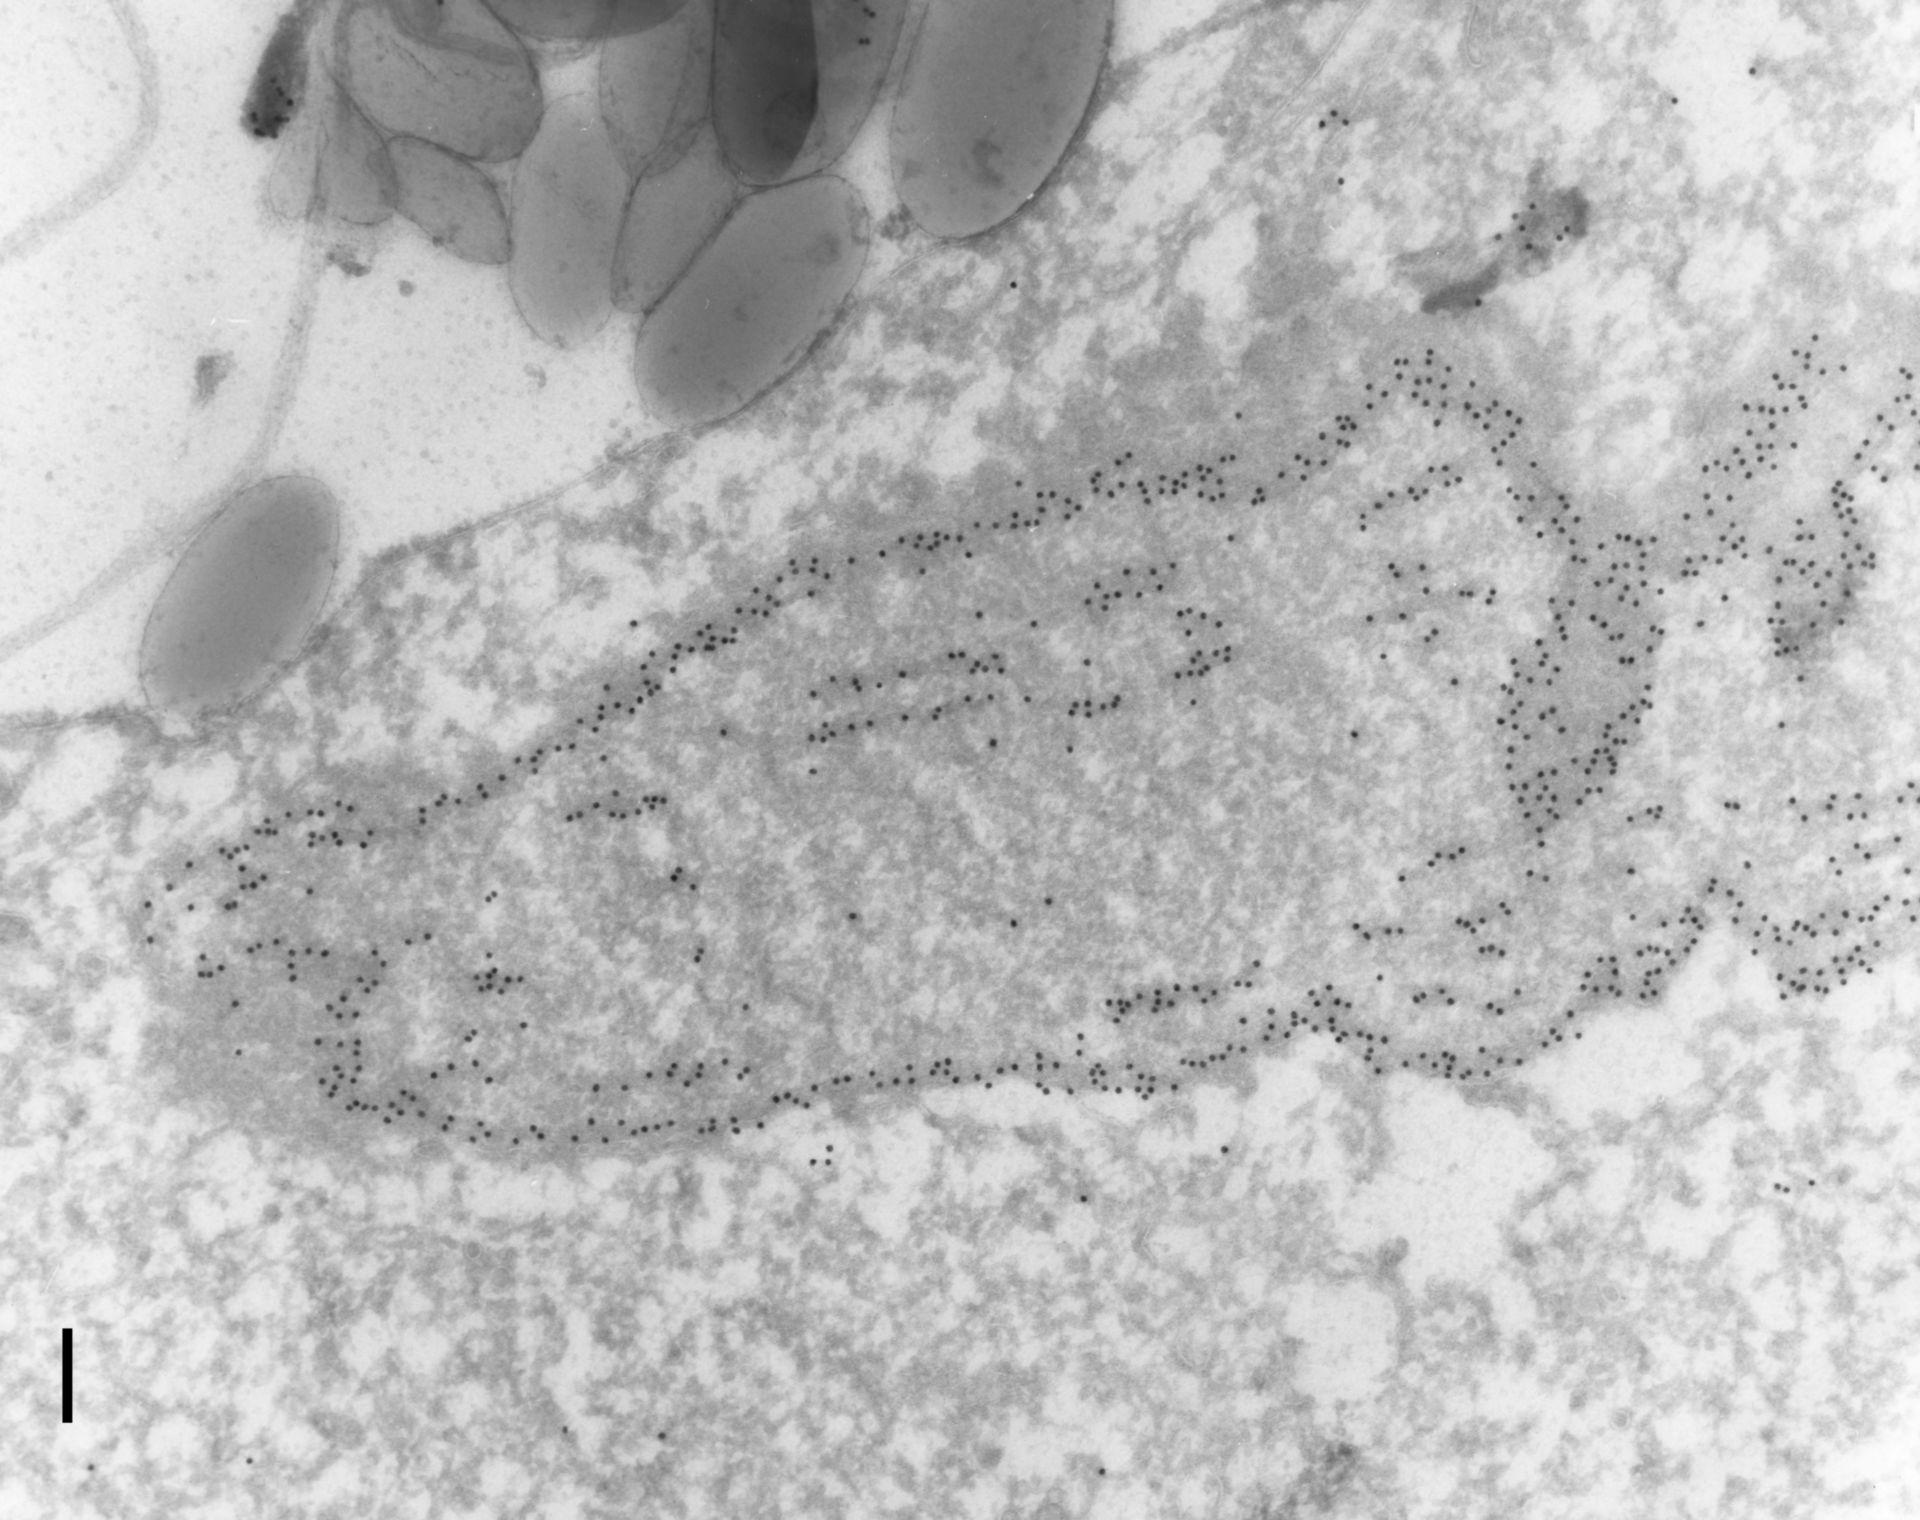 Paramecium tetraurelia (Nuclear envelope) - CIL:12090